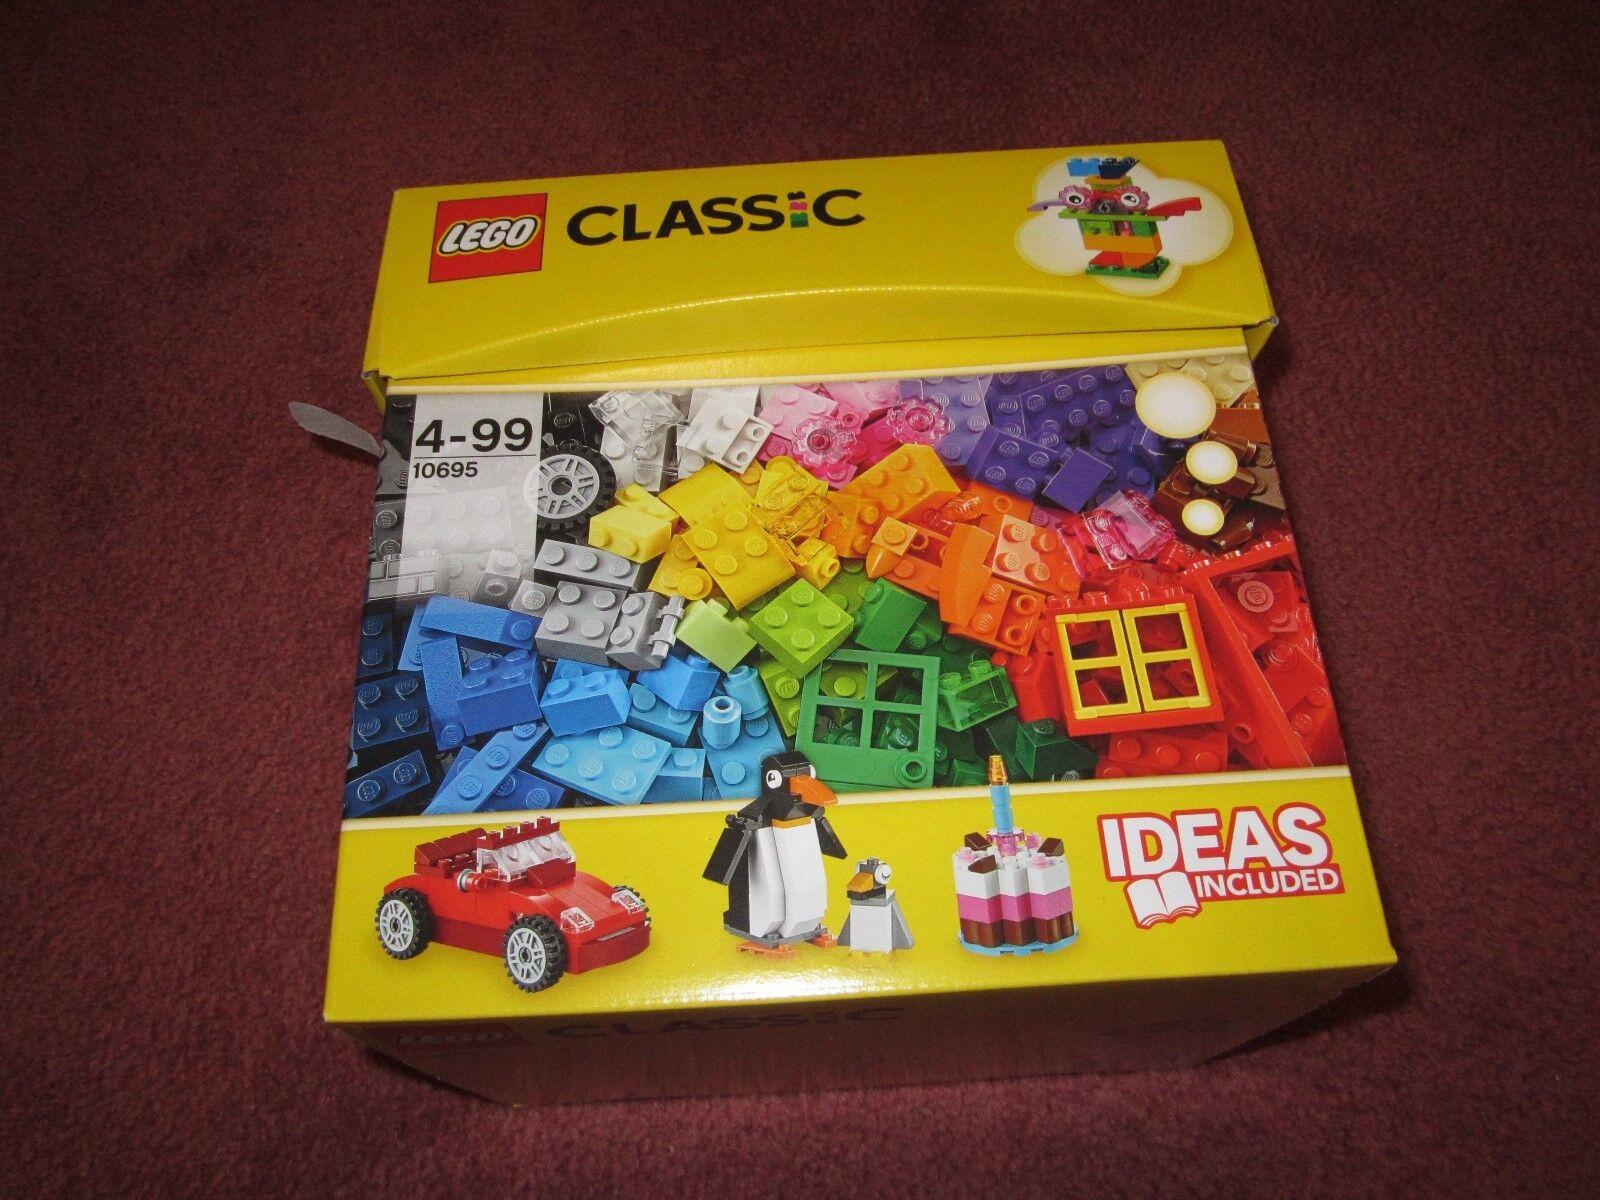 LEGO classico creativo costruzione Scatola 10695 vedi foto-NUOVI/SIGILLATI